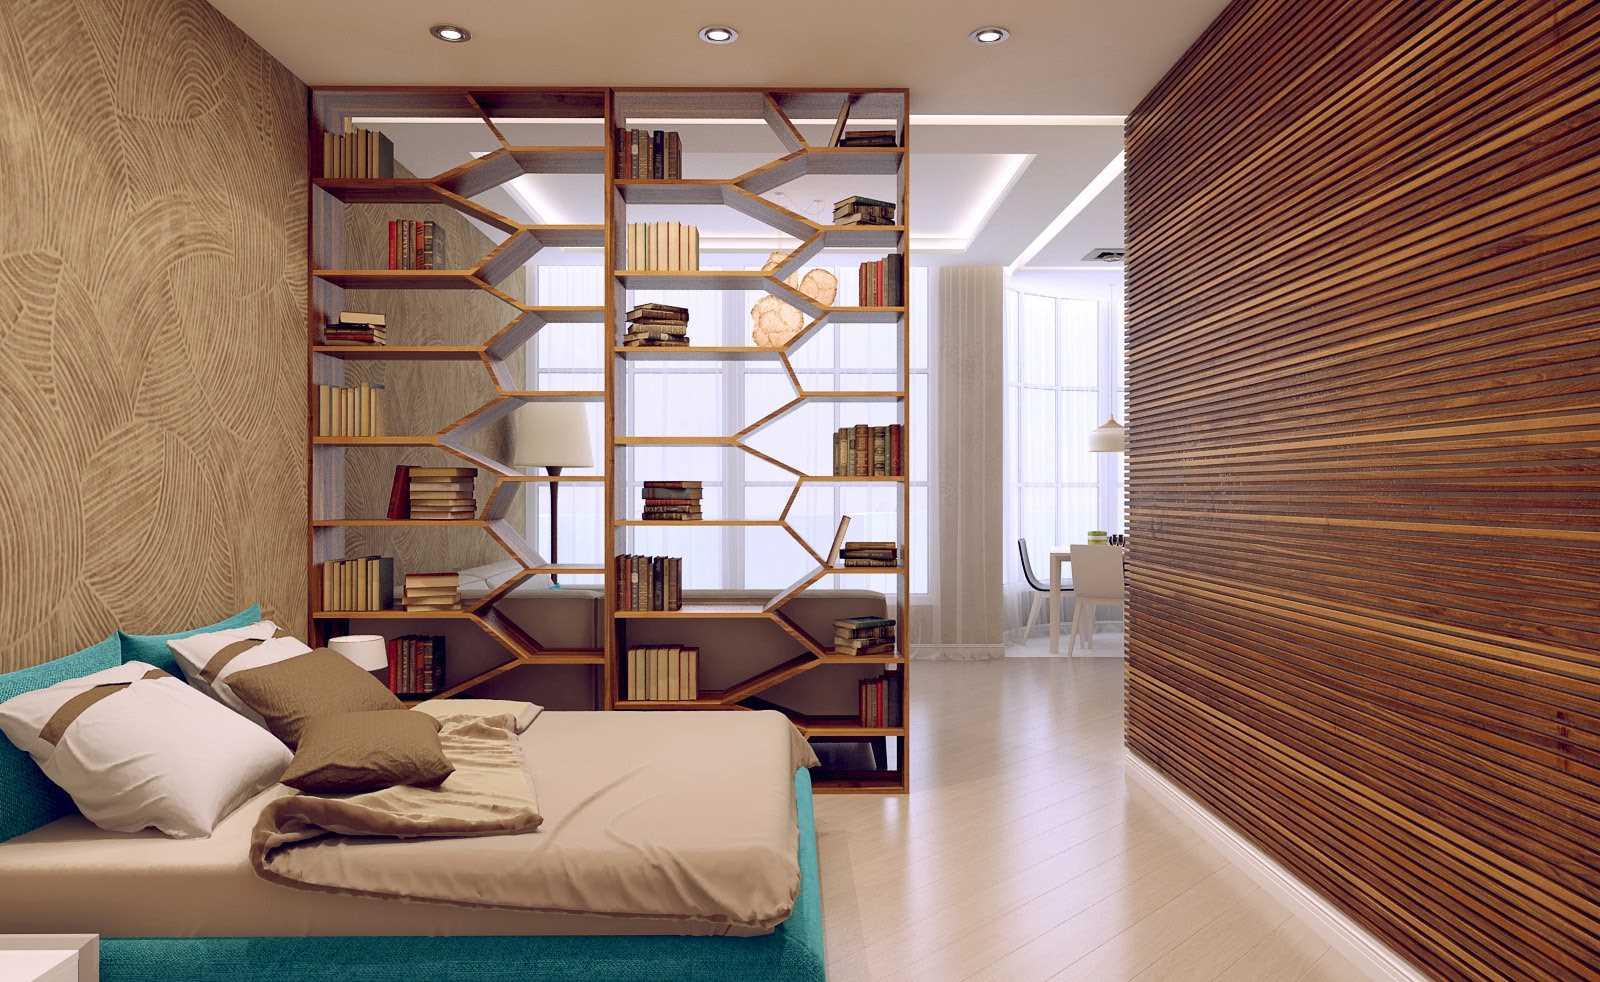 chambre-salon 18 m² zonage des étagères